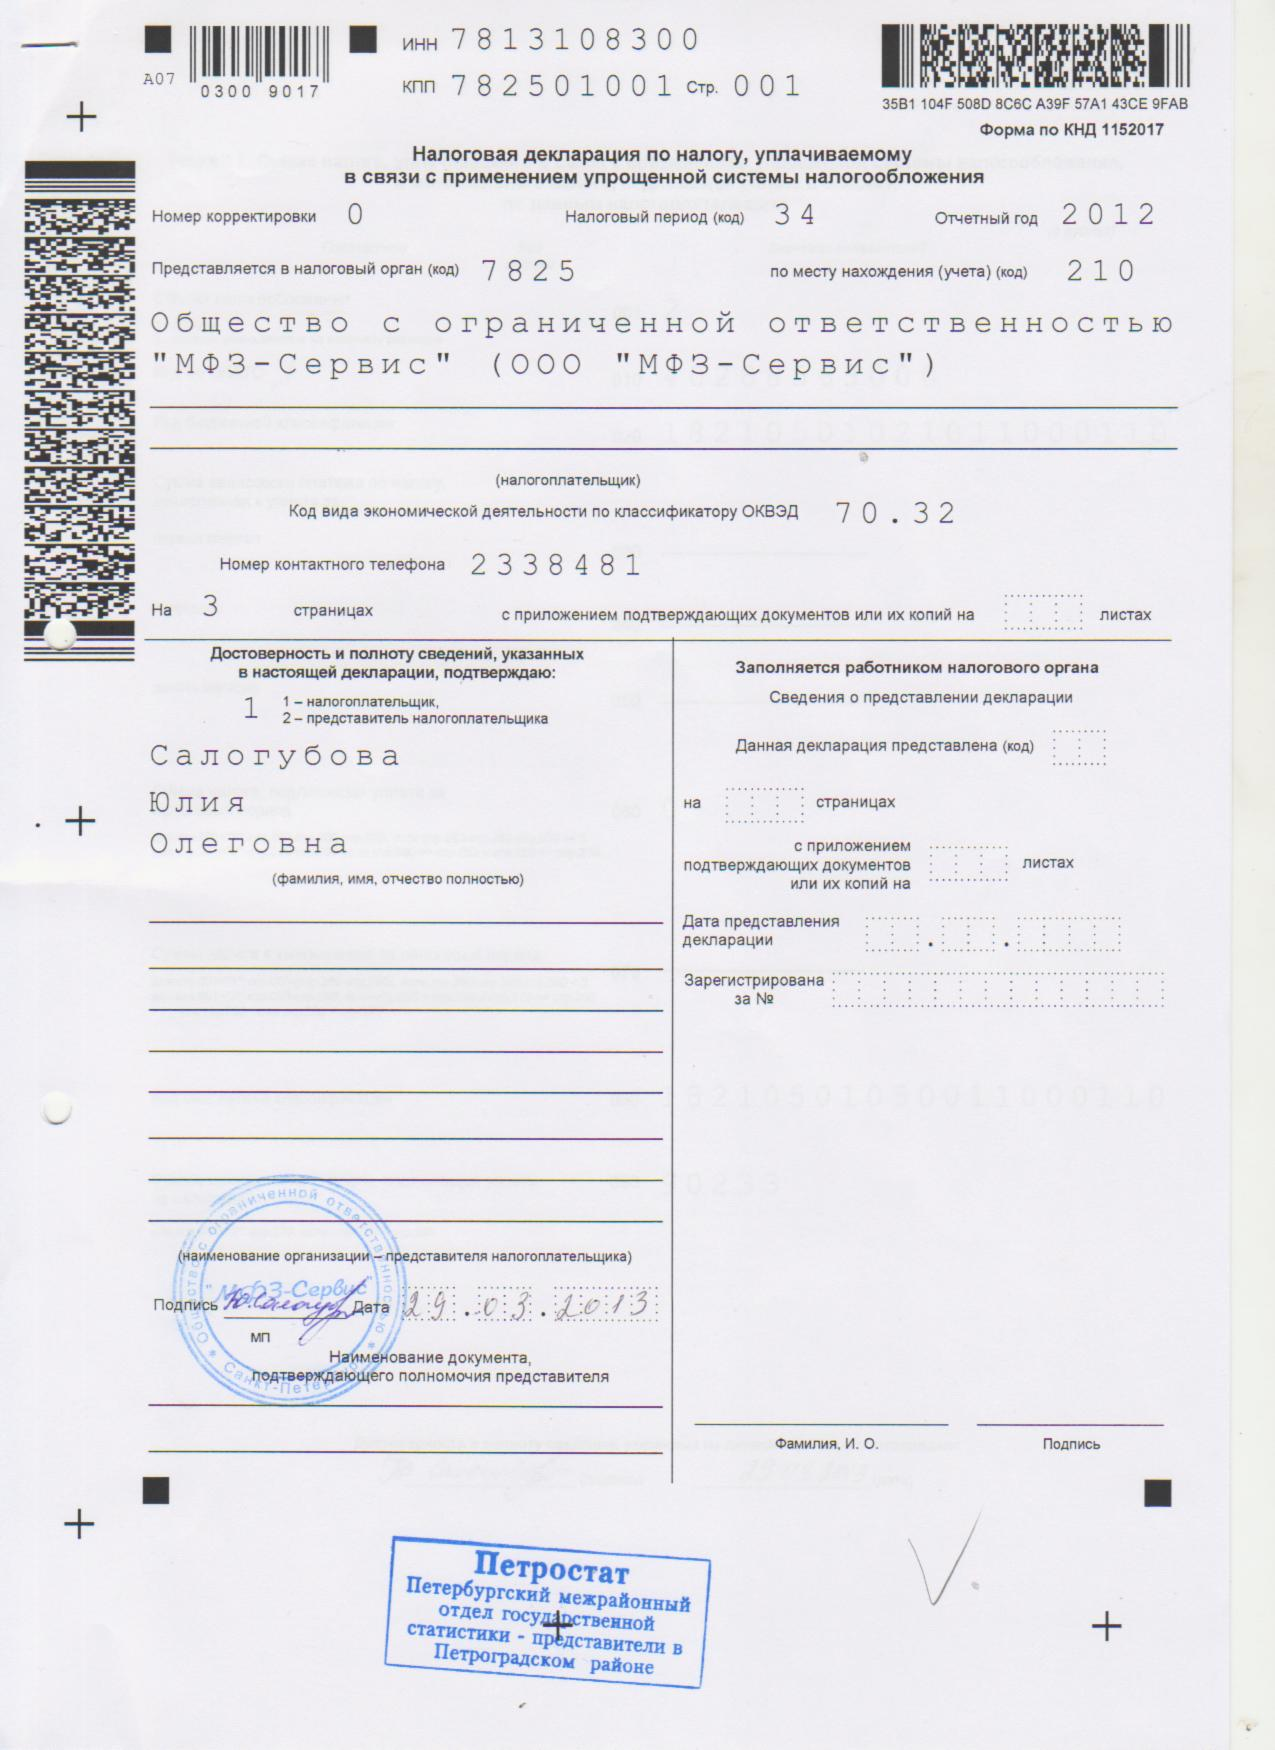 Декларация УСН 2012 стр 1